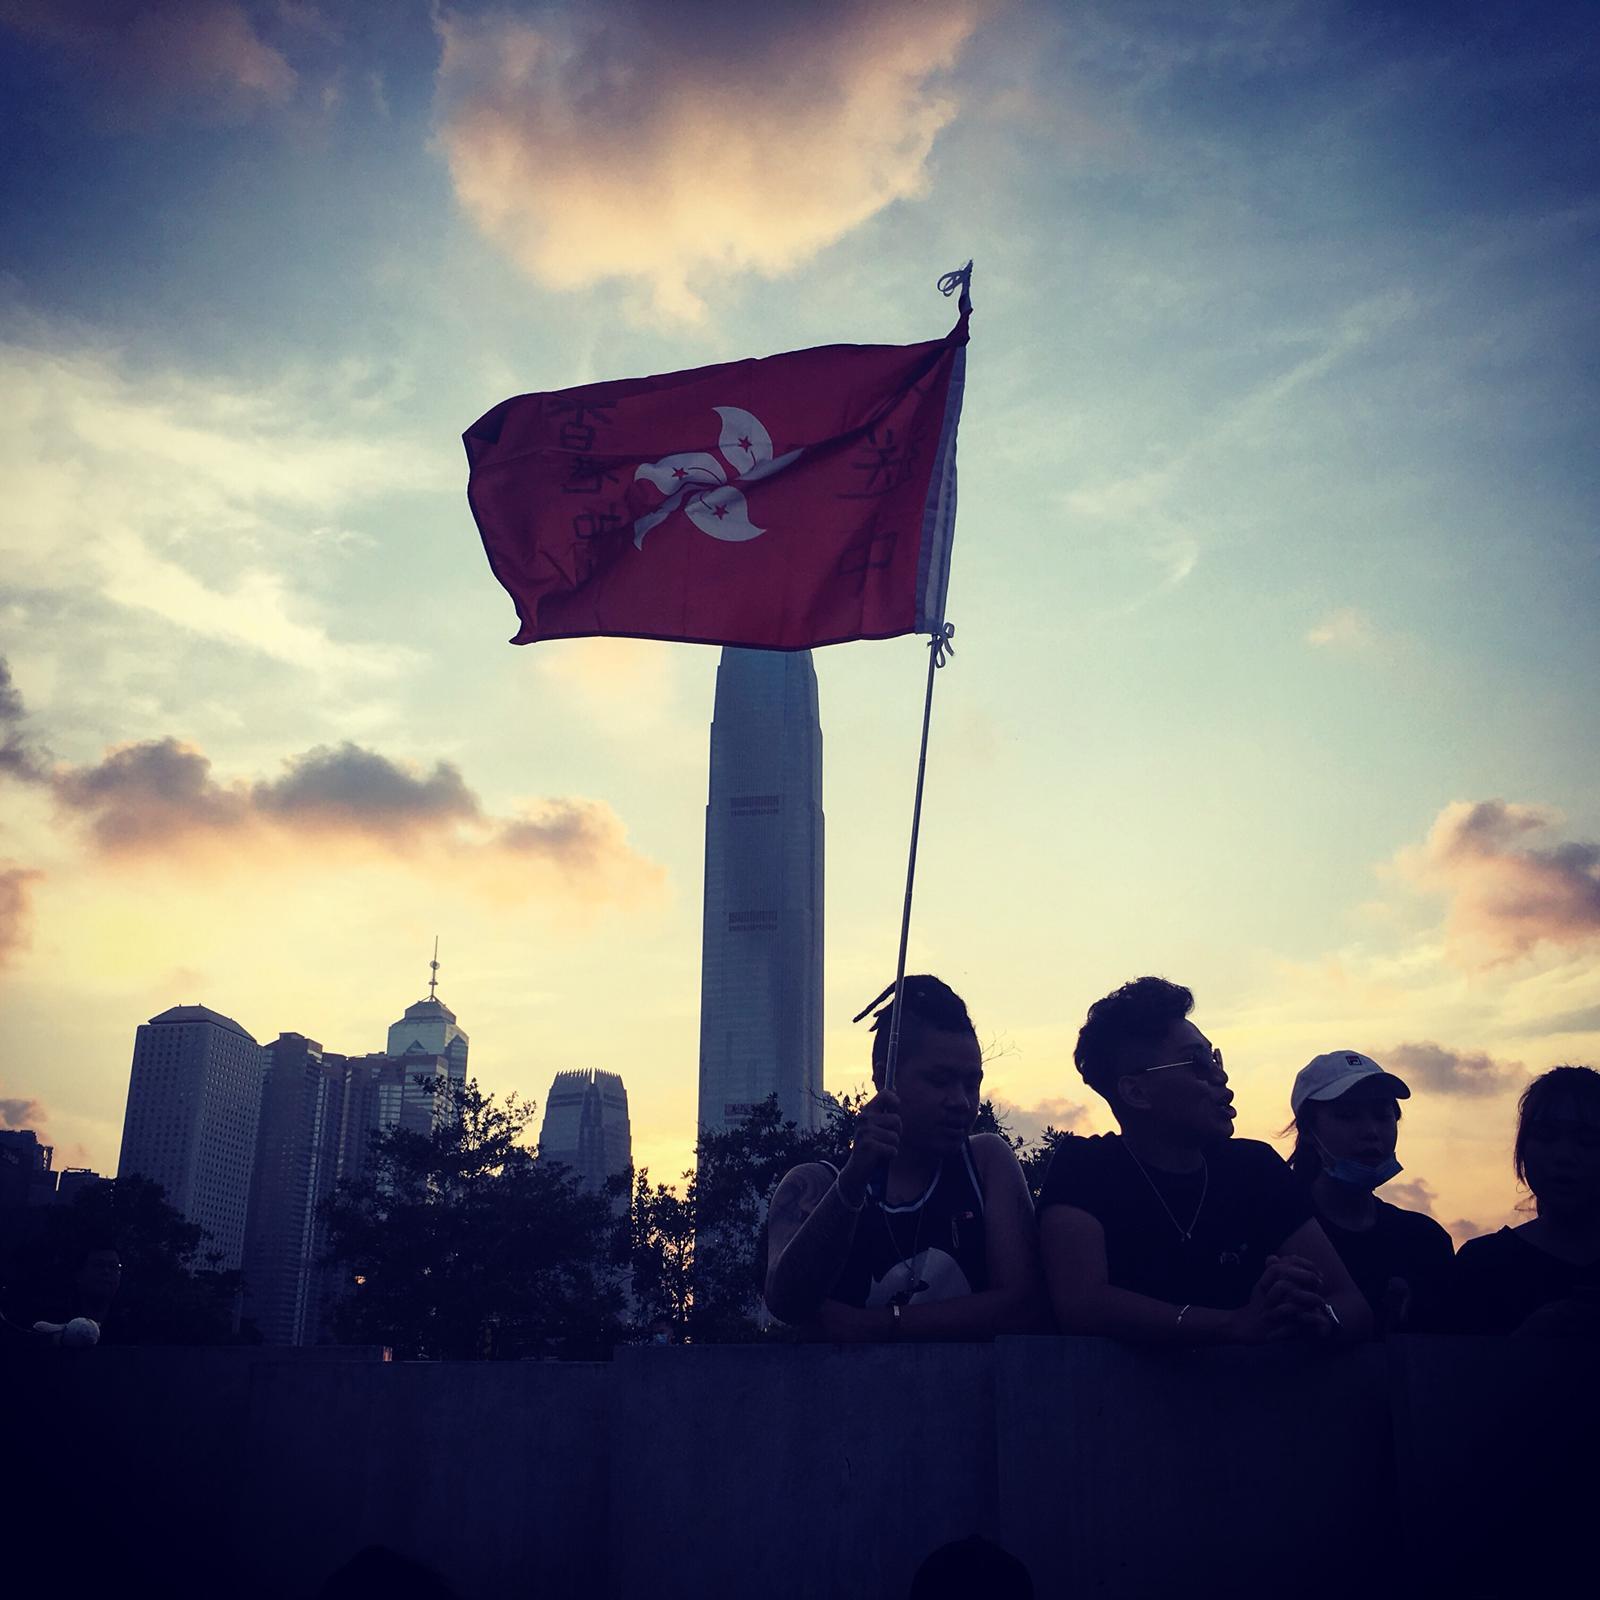 YouTube fecha canais associados a campanha de desinformação sobre Hong Kong